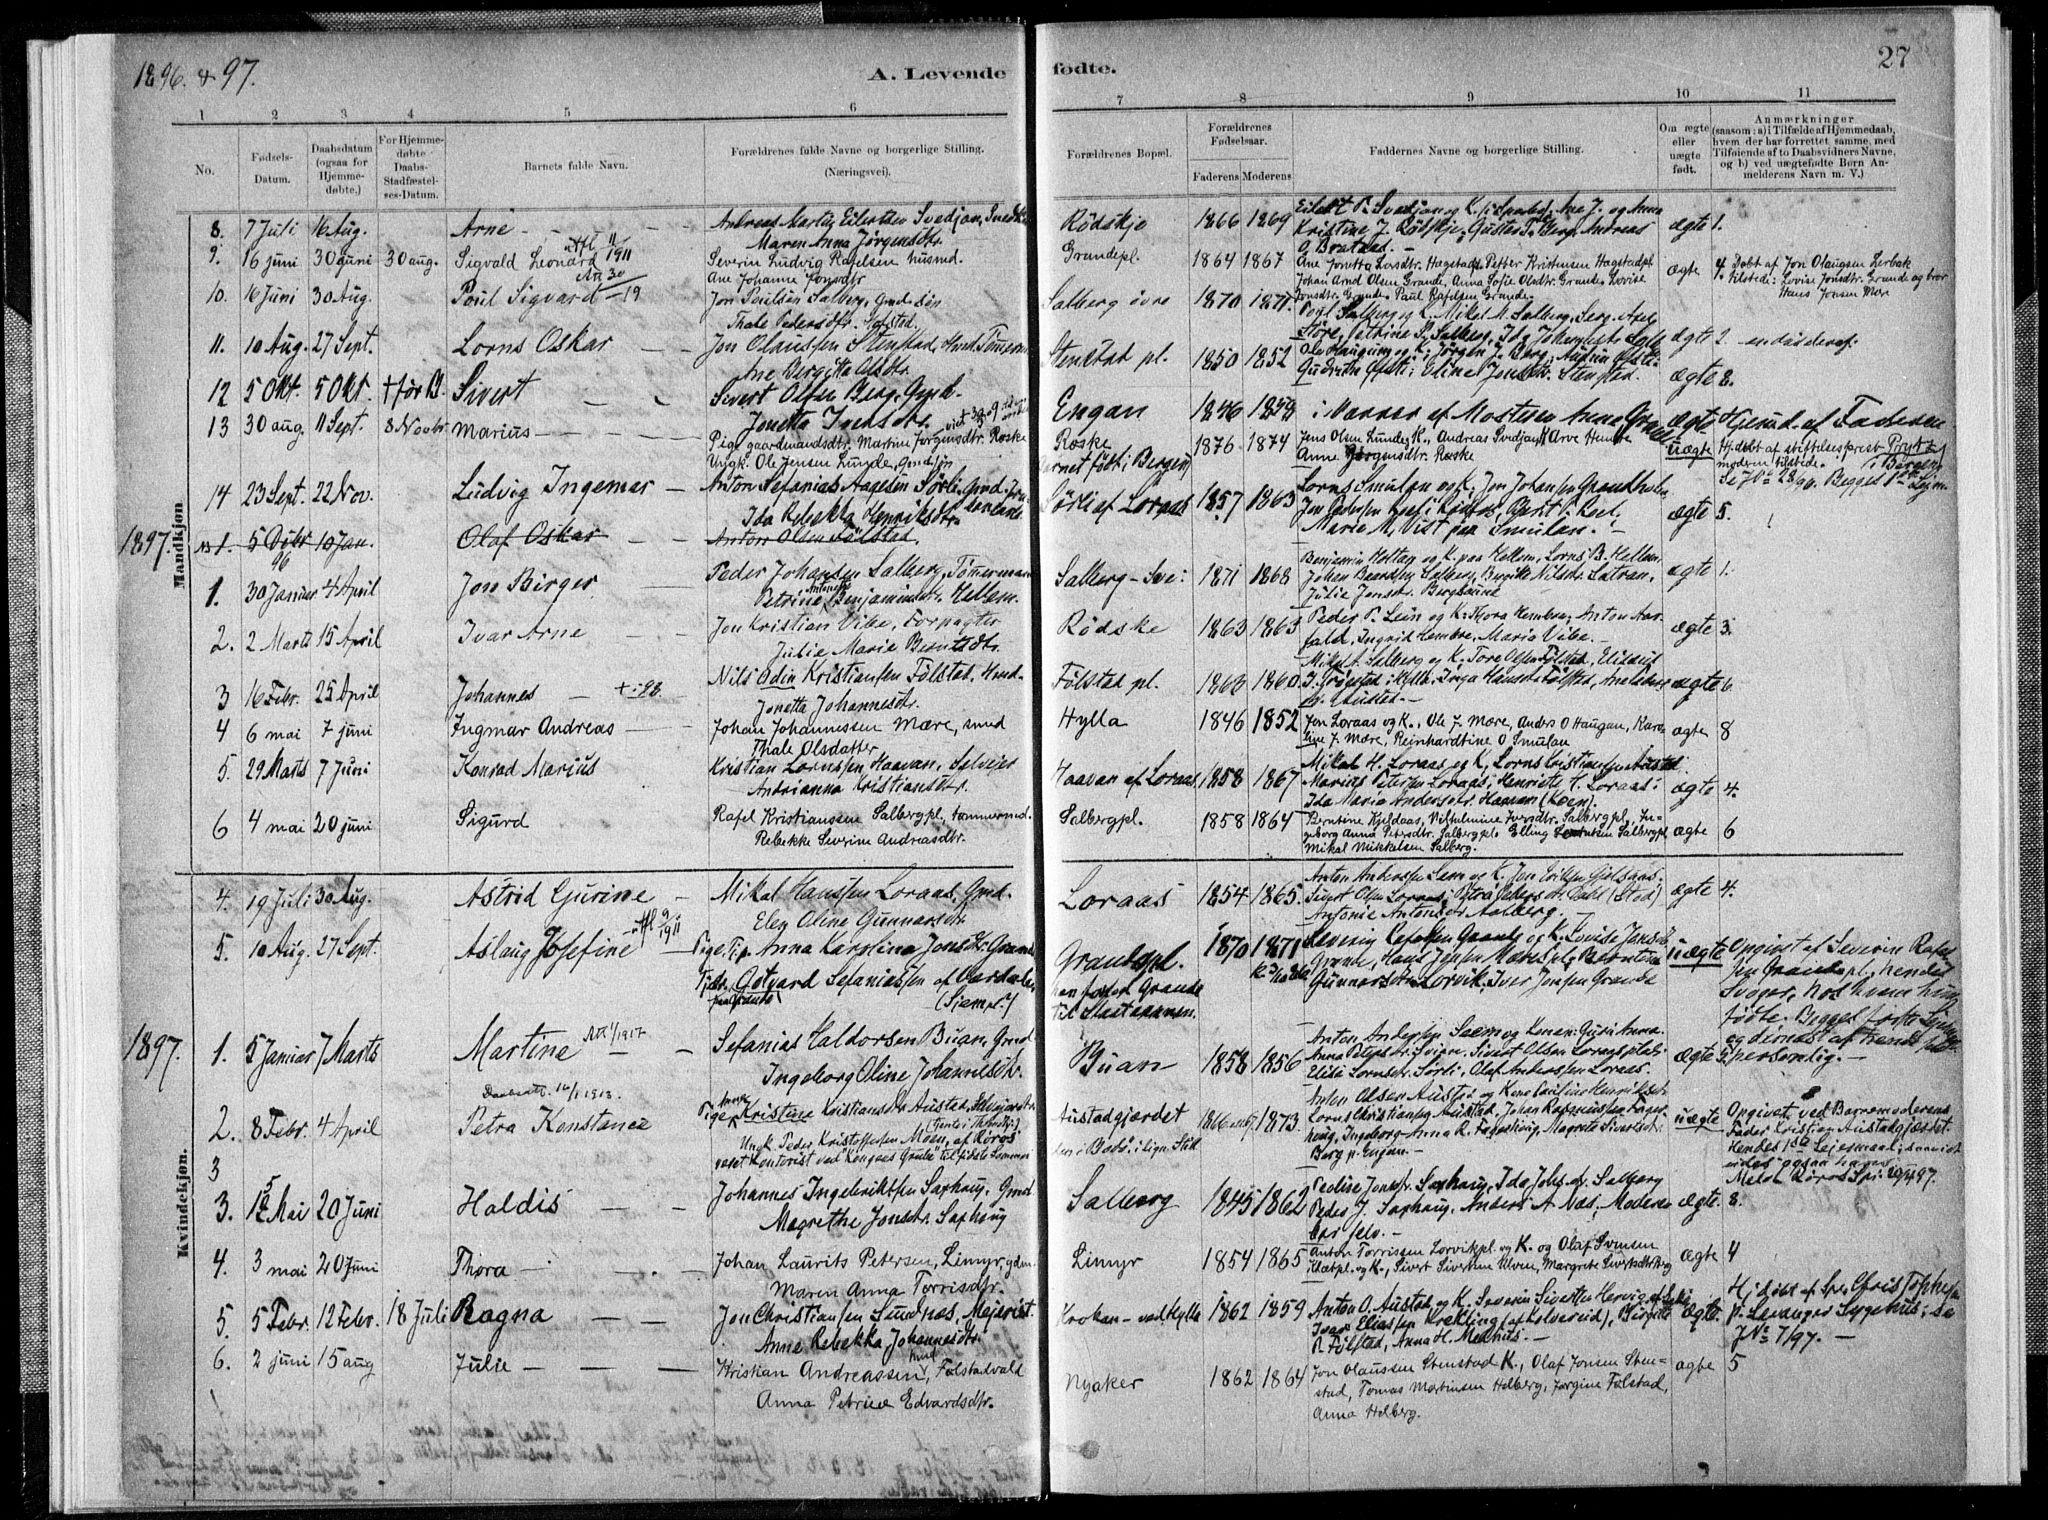 SAT, Ministerialprotokoller, klokkerbøker og fødselsregistre - Nord-Trøndelag, 731/L0309: Ministerialbok nr. 731A01, 1879-1918, s. 27